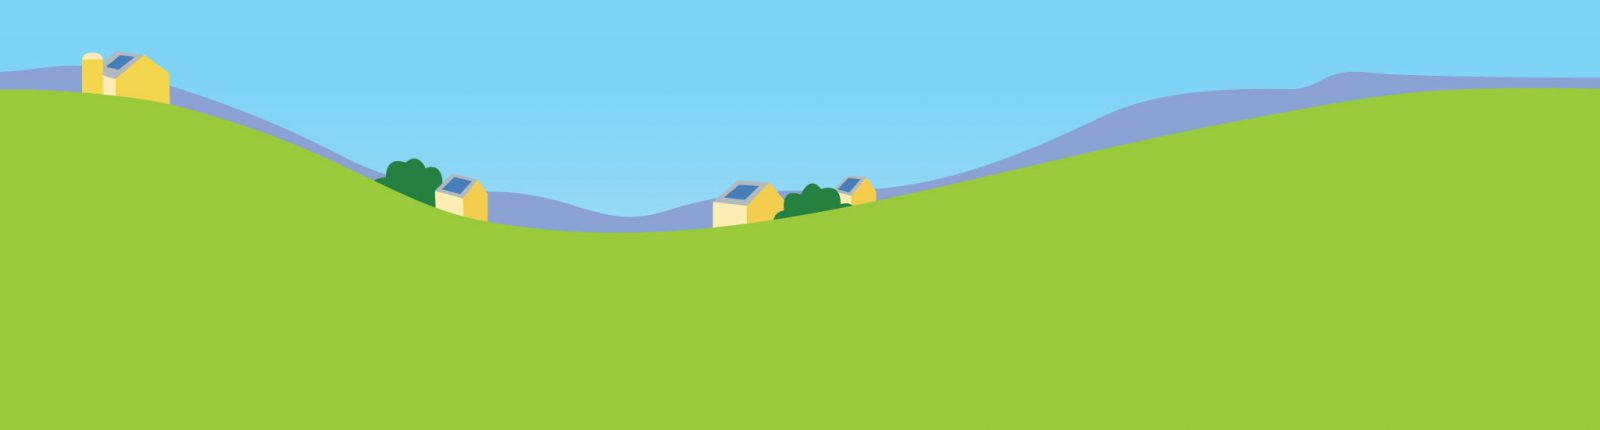 VT hills landscape graphic